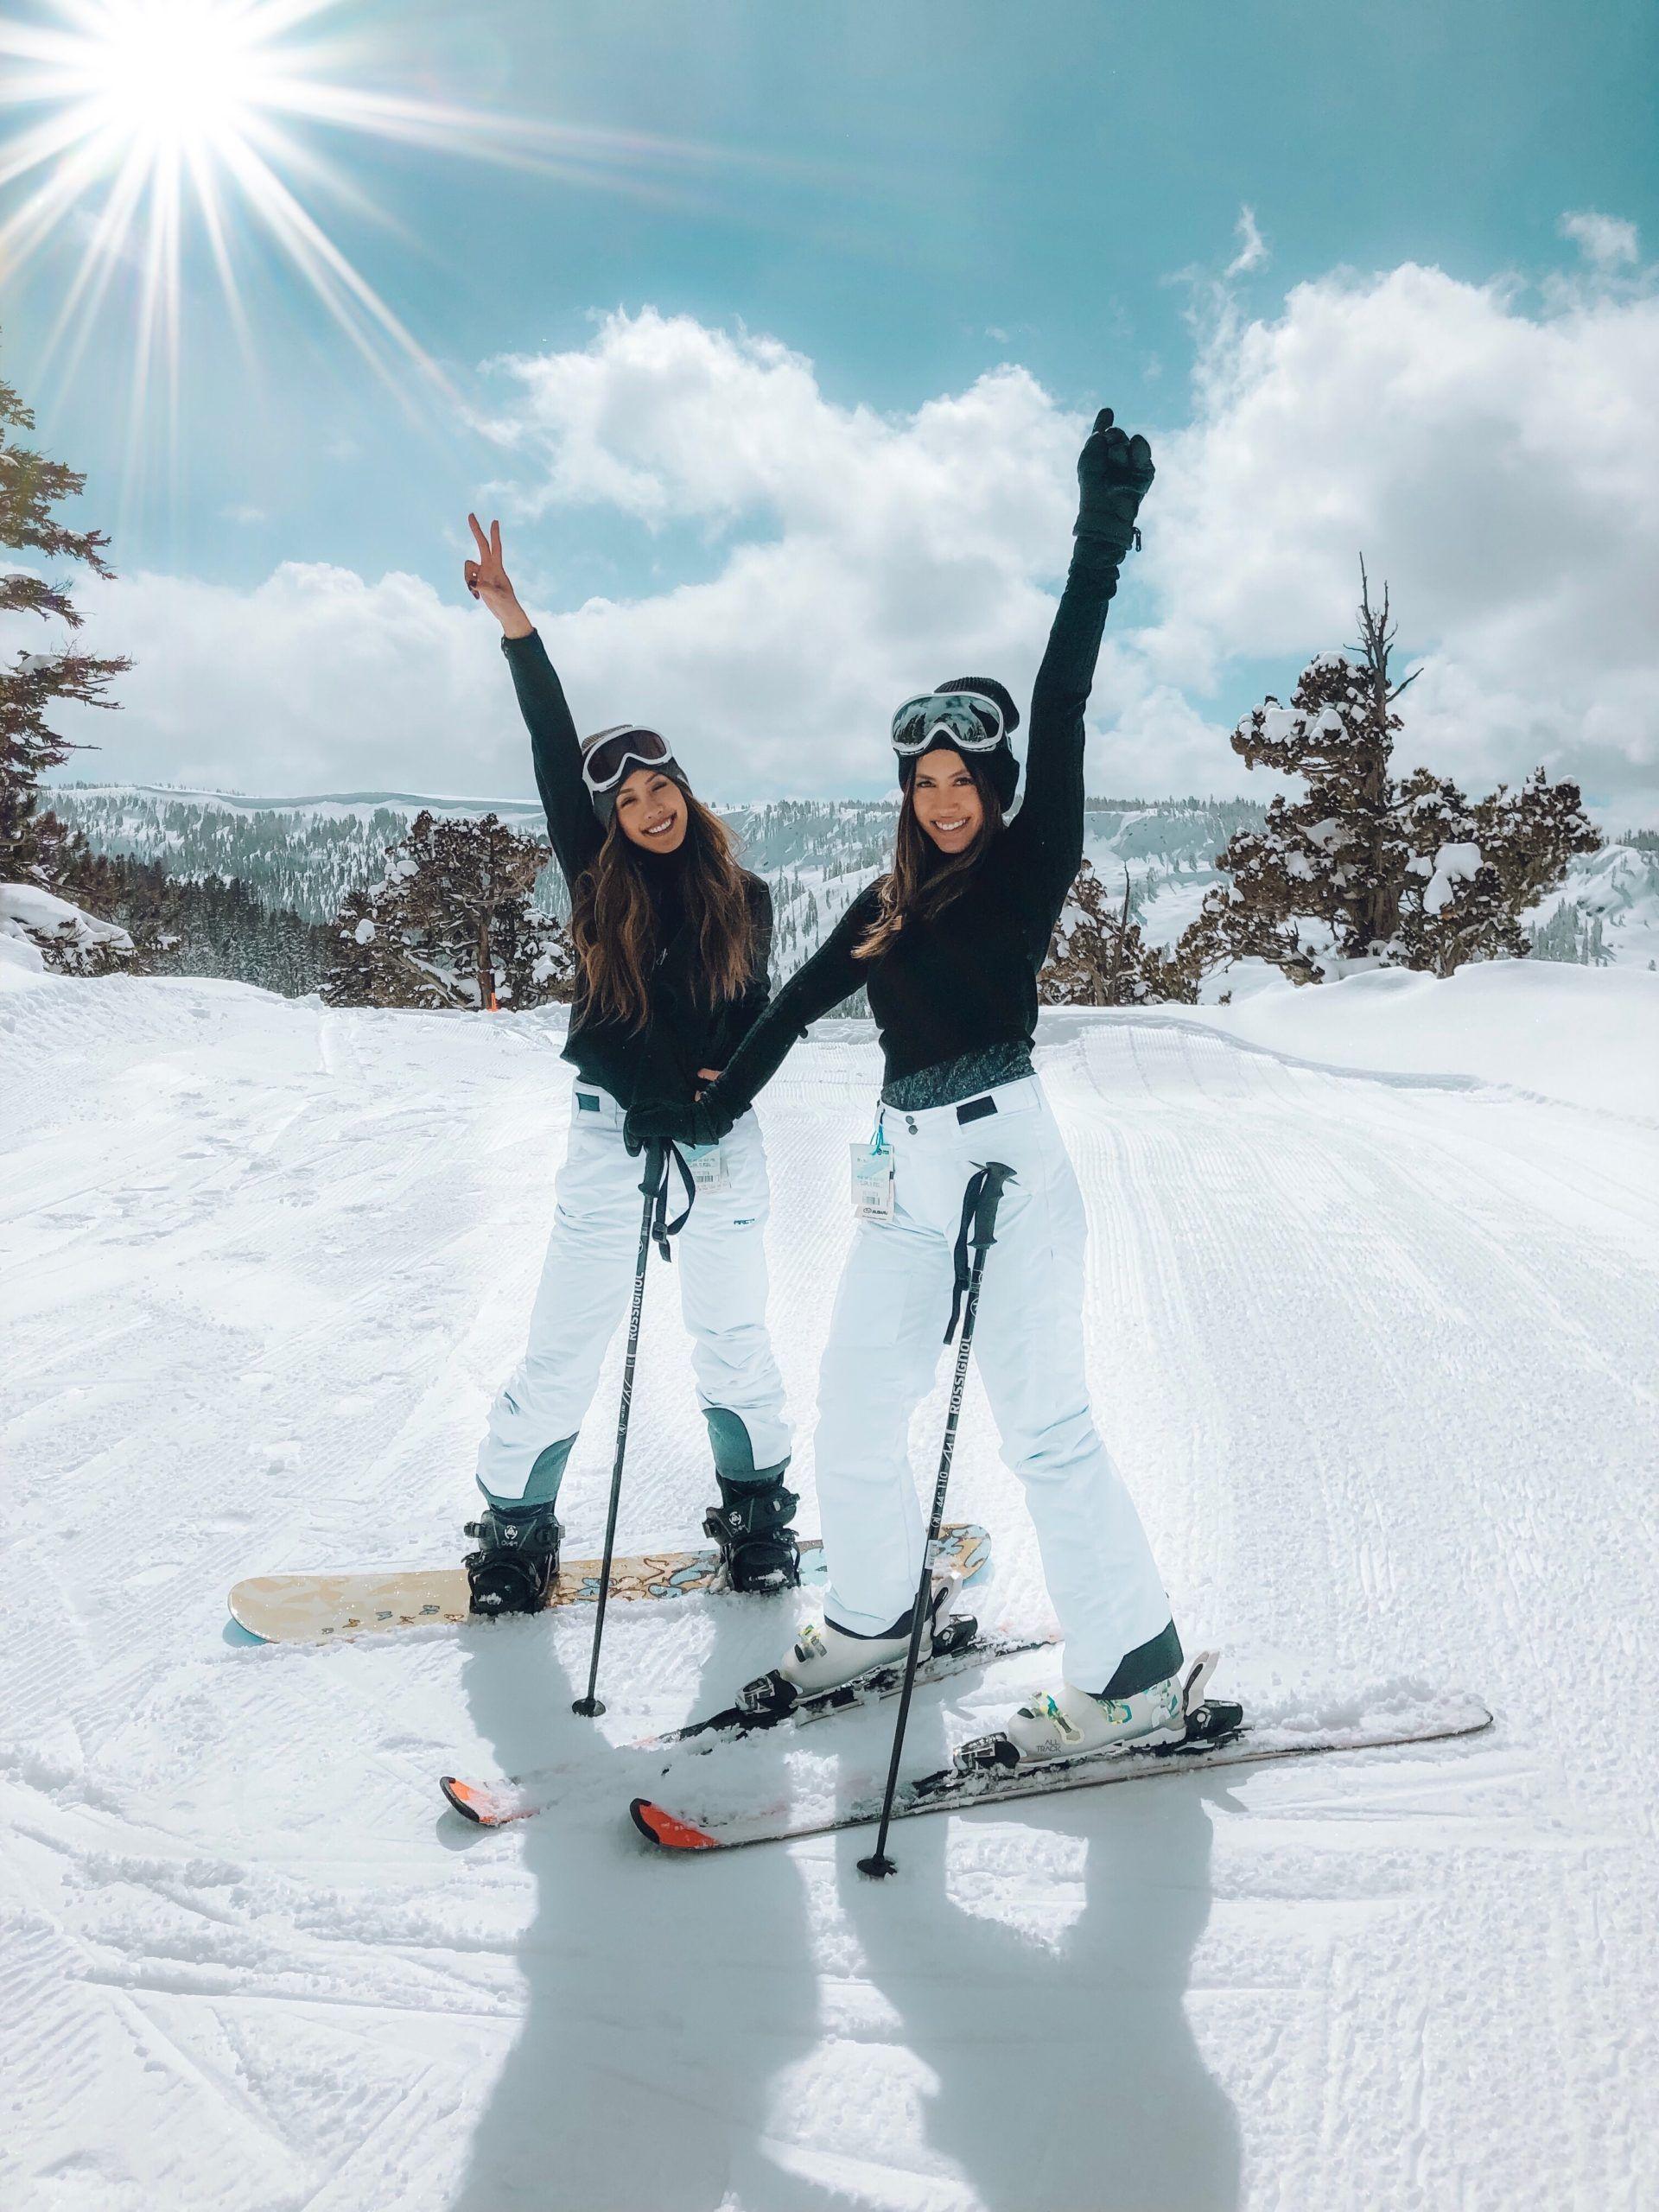 Lern-Erlebnis-Pass des Deutschen Skilehrerverbands